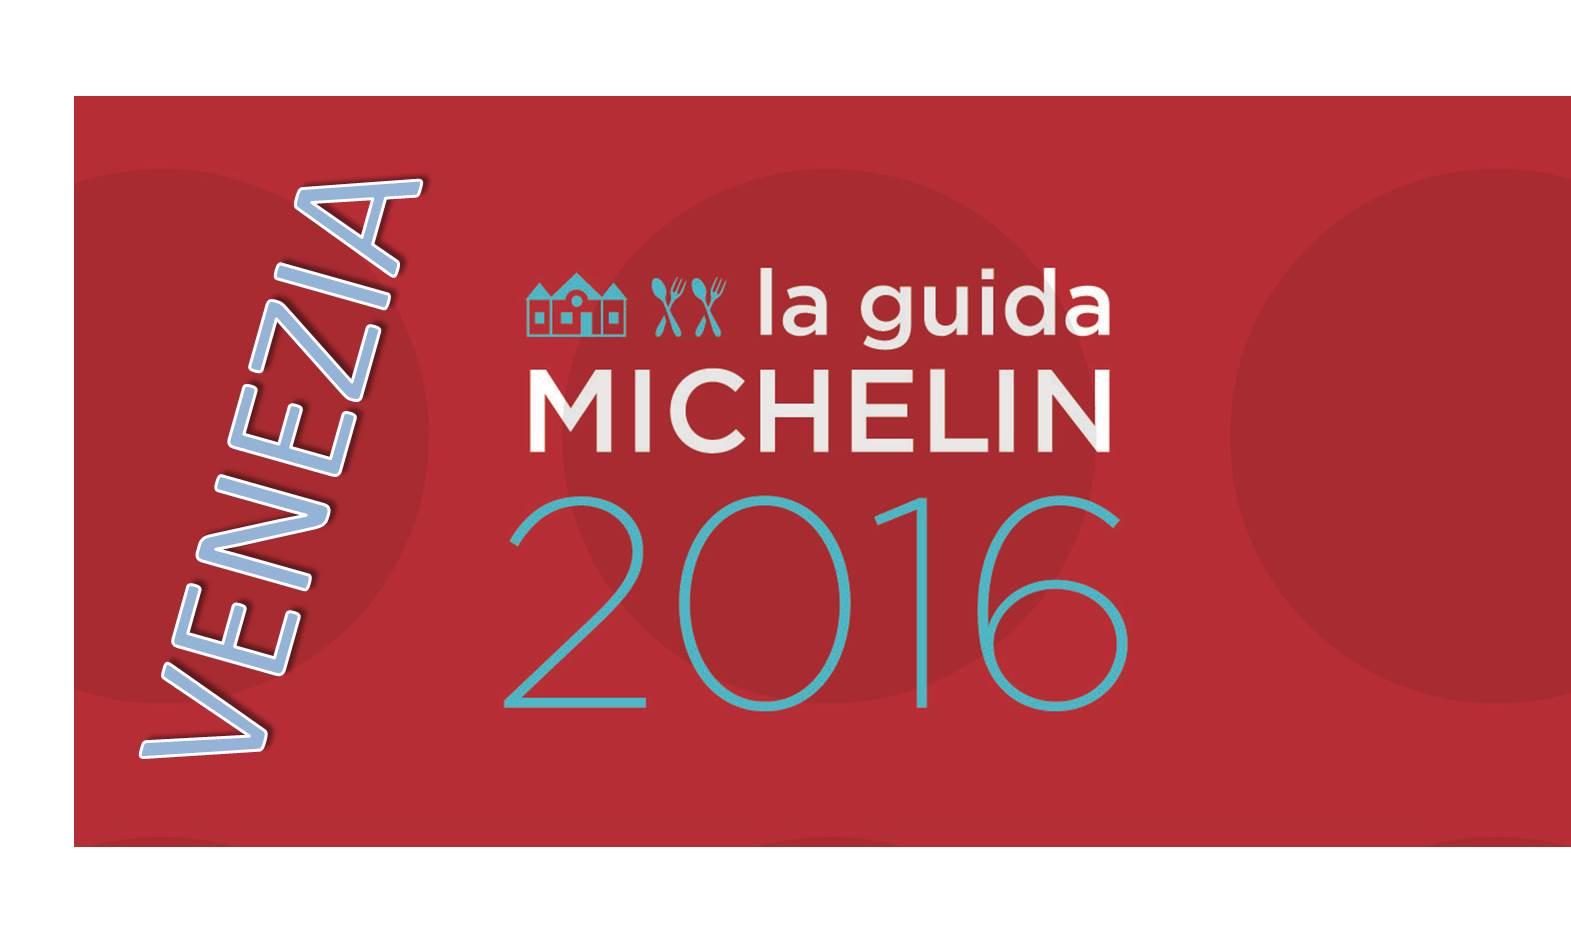 Migliori ristoranti Michelin 2016 a Venezia e provincia